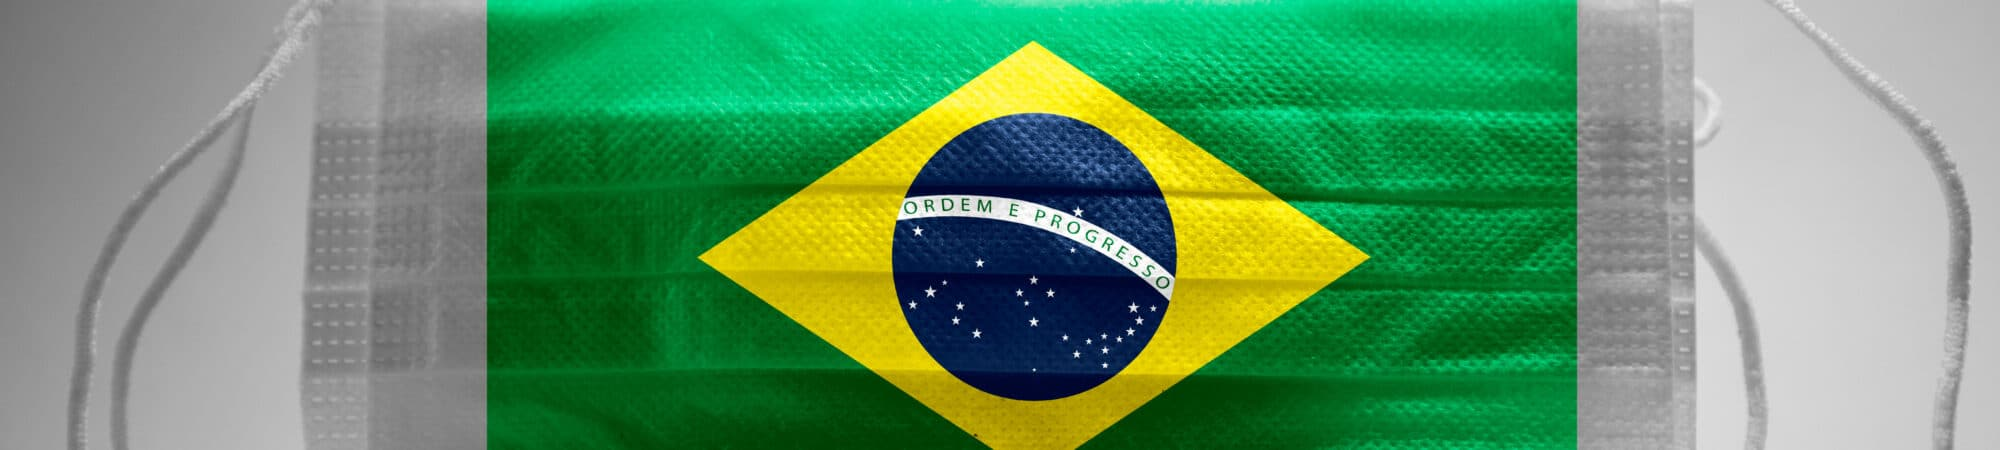 Máscara cirúrgica com bandeira brasileira